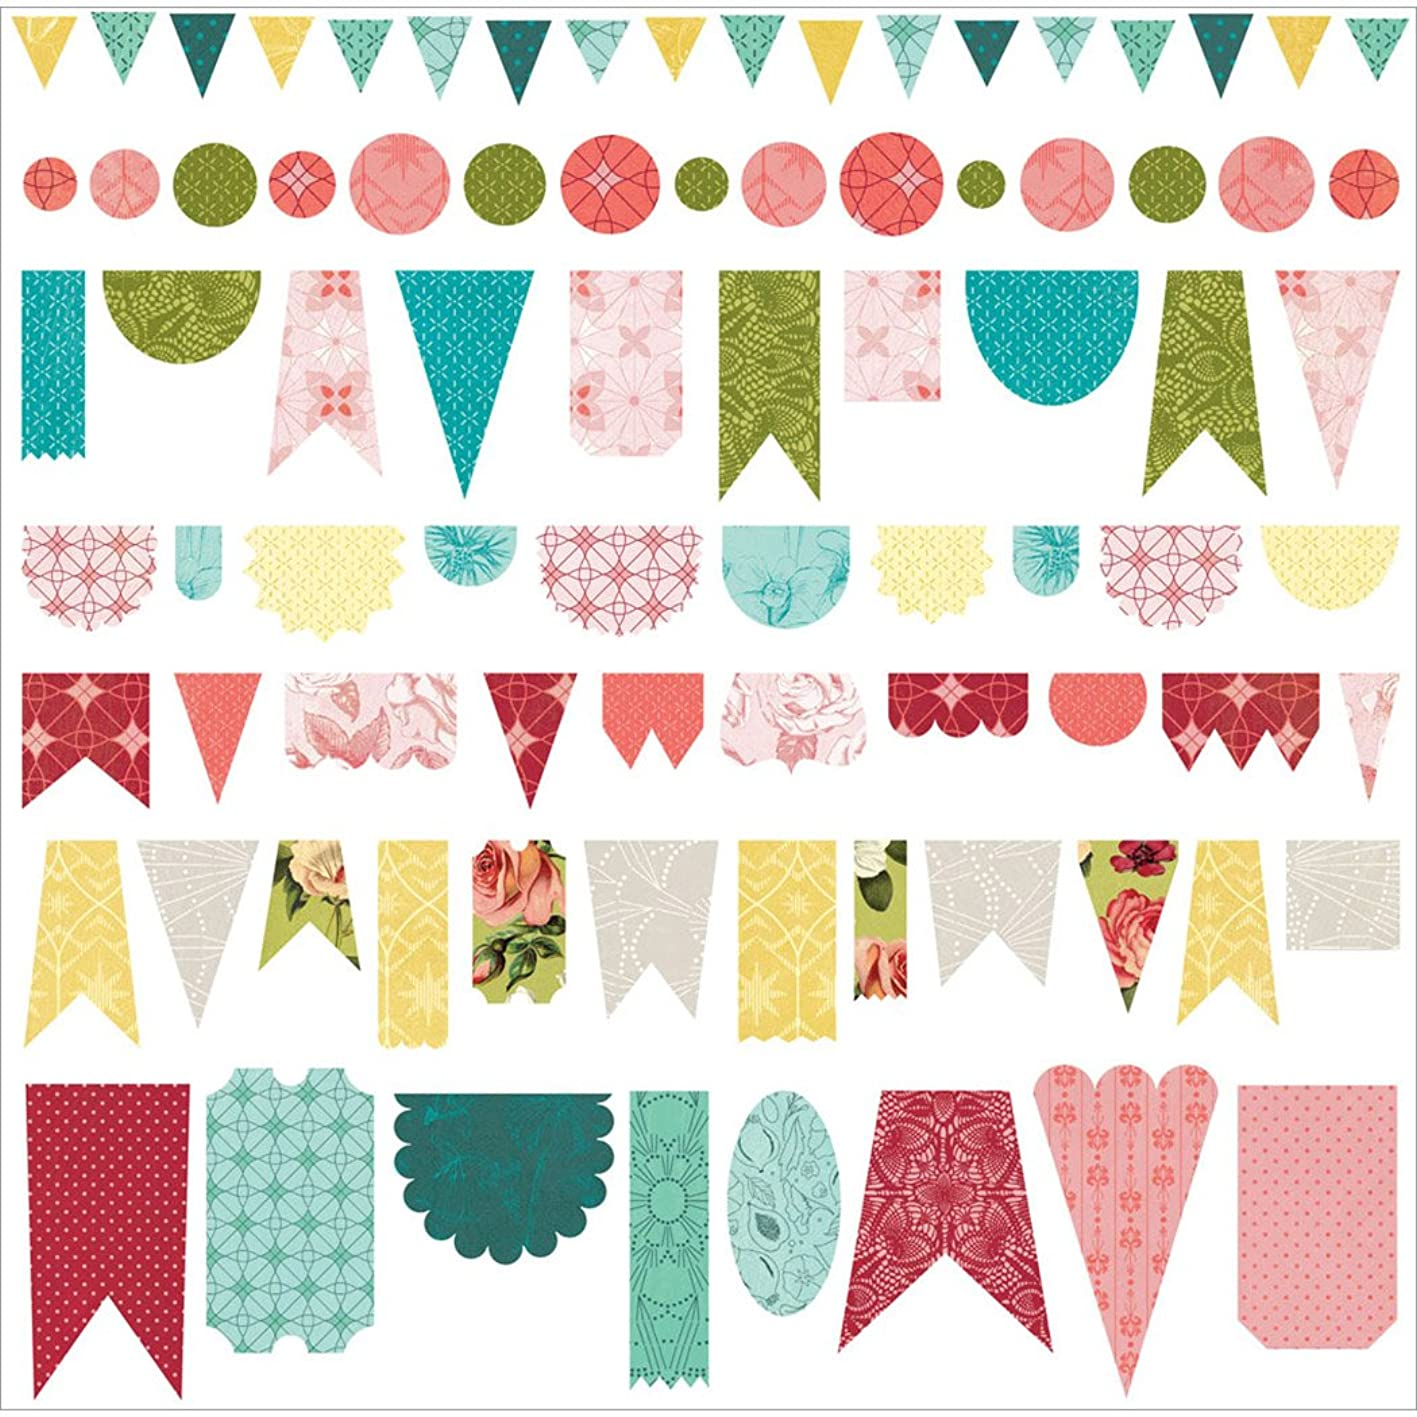 BasicGrey Tea Garden Banner Cardstock Stickers, 12 x 12 fveswkjasuj481